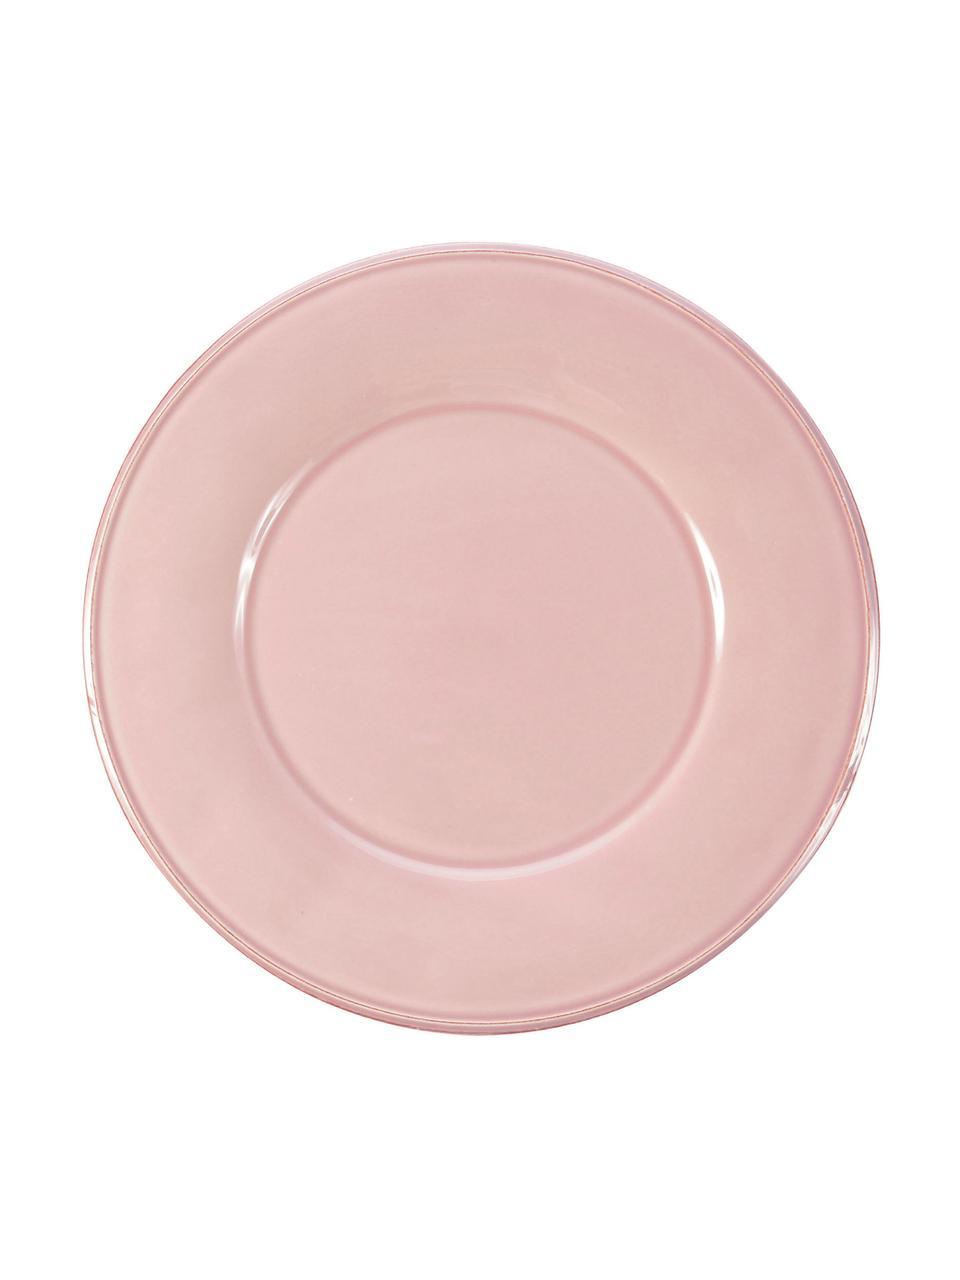 Piatto piano in rosa Constance 2 pz, Terracotta, Rosa, Ø 29 cm